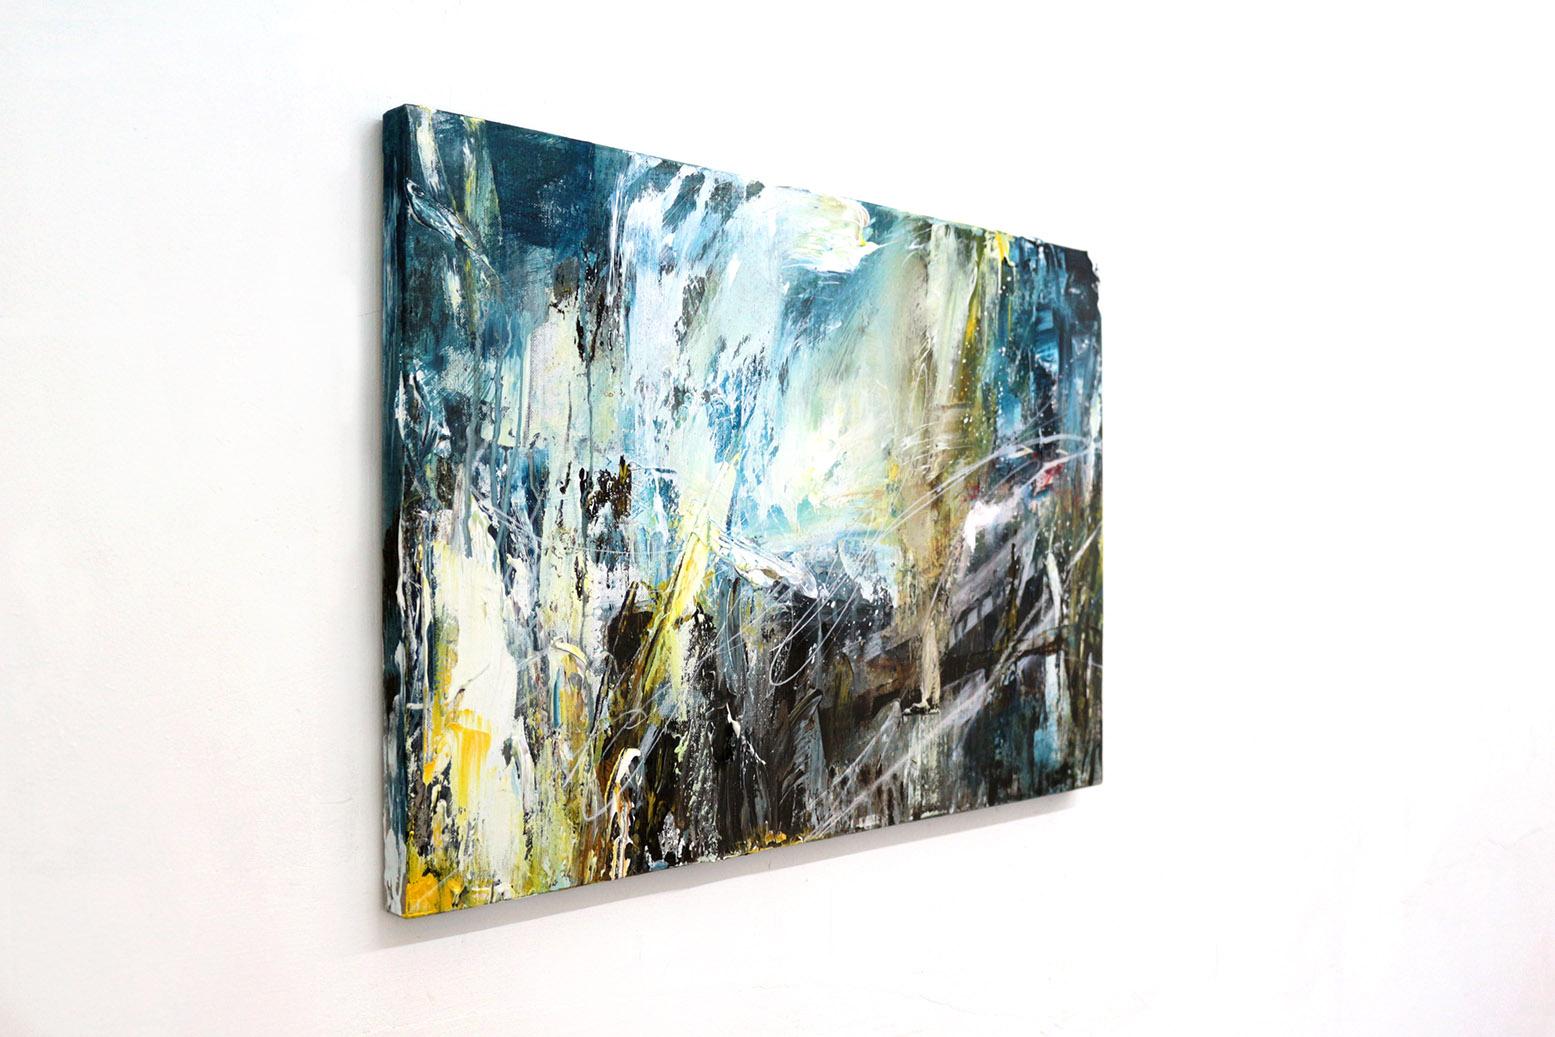 「air 02」 Canvas, Acrylic, 40× 60cm, 2019